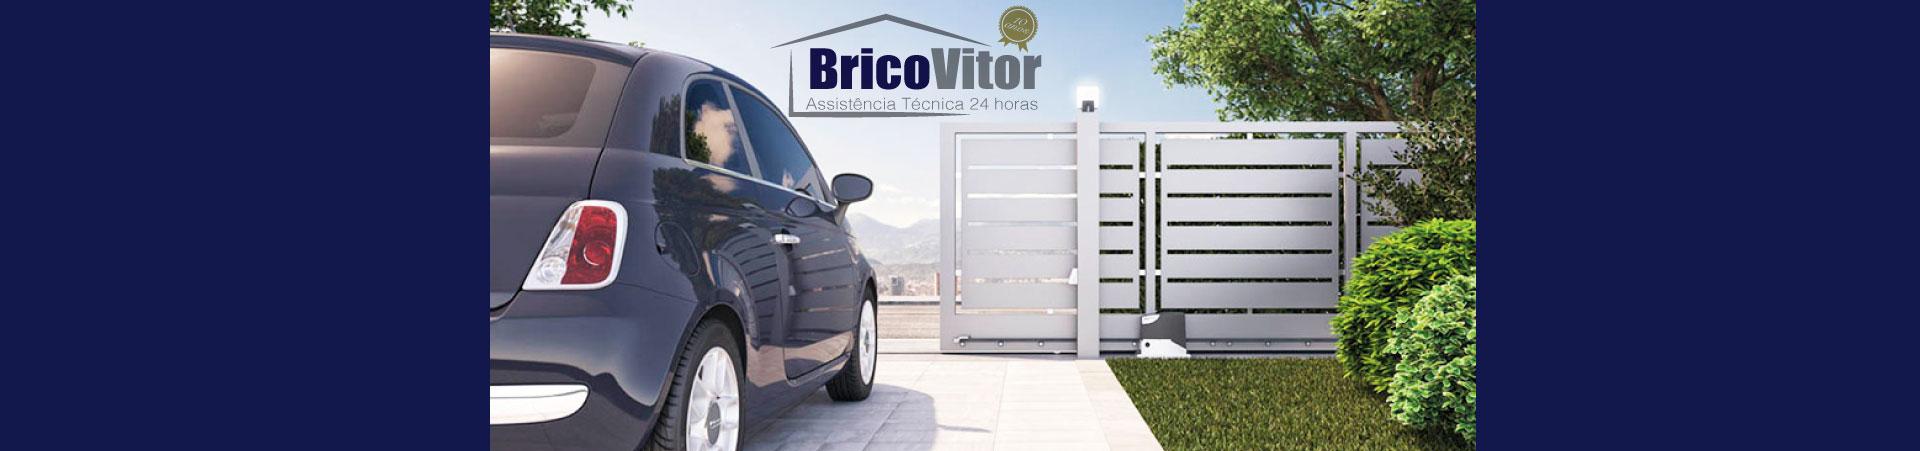 BricoVitor-Assistência-automatismos BricoVitor - Serviços